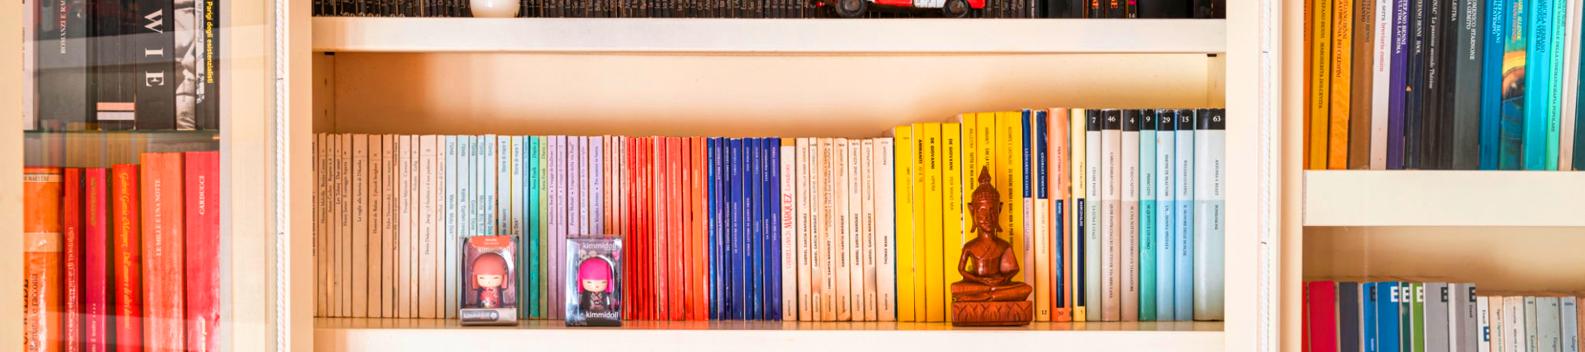 Los 15 mejores libros para leer este 2021